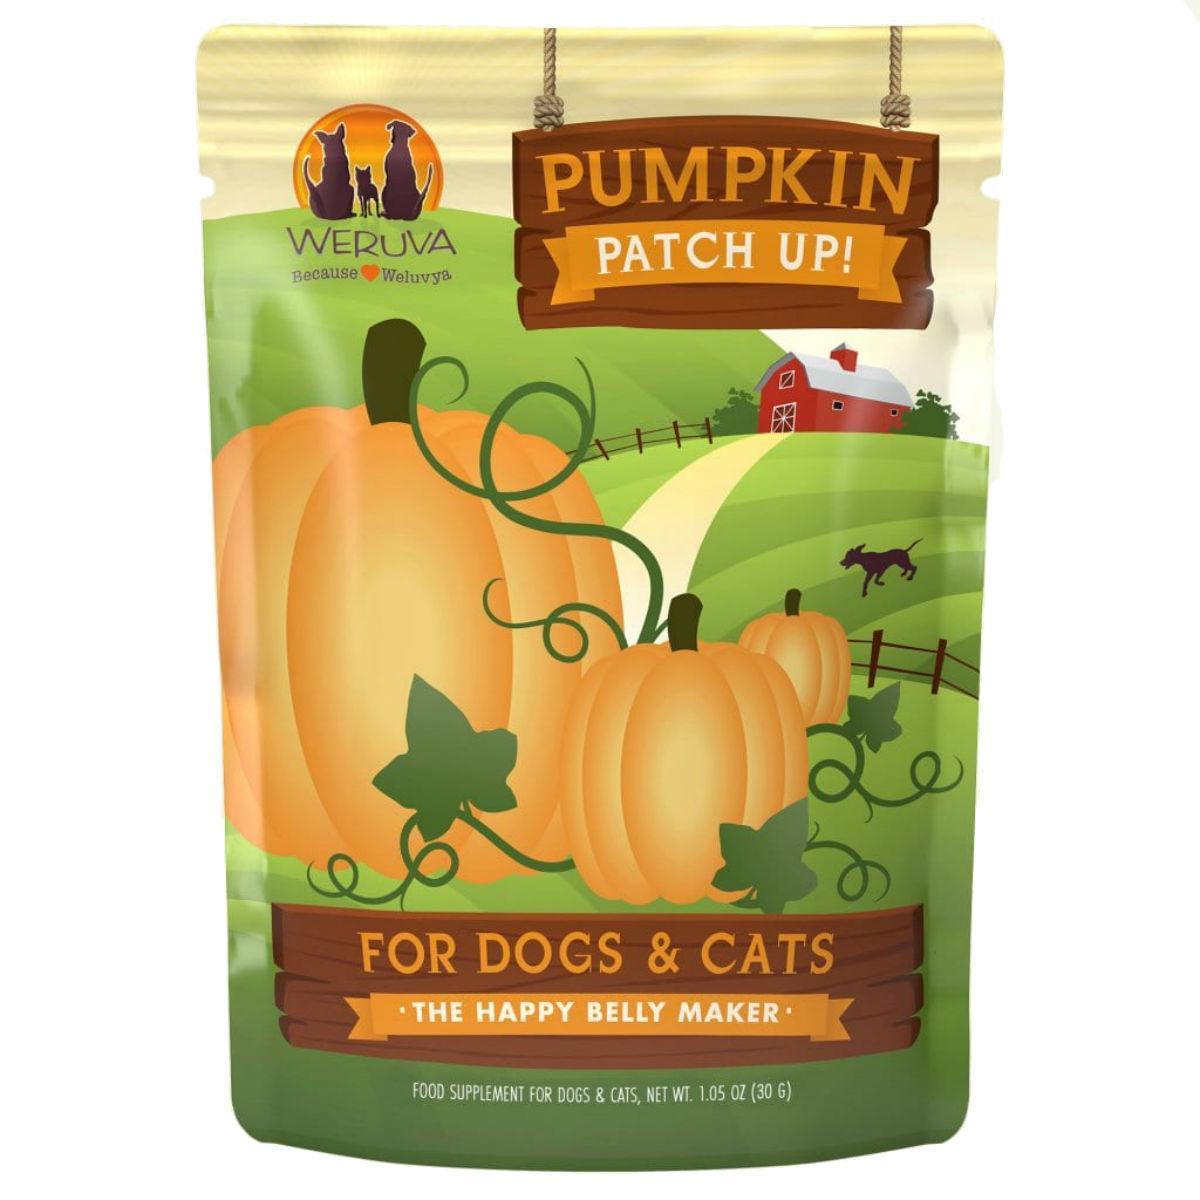 Weruva Cat & Dog Food Supplement Pouch - Pumpkin Patch Up!